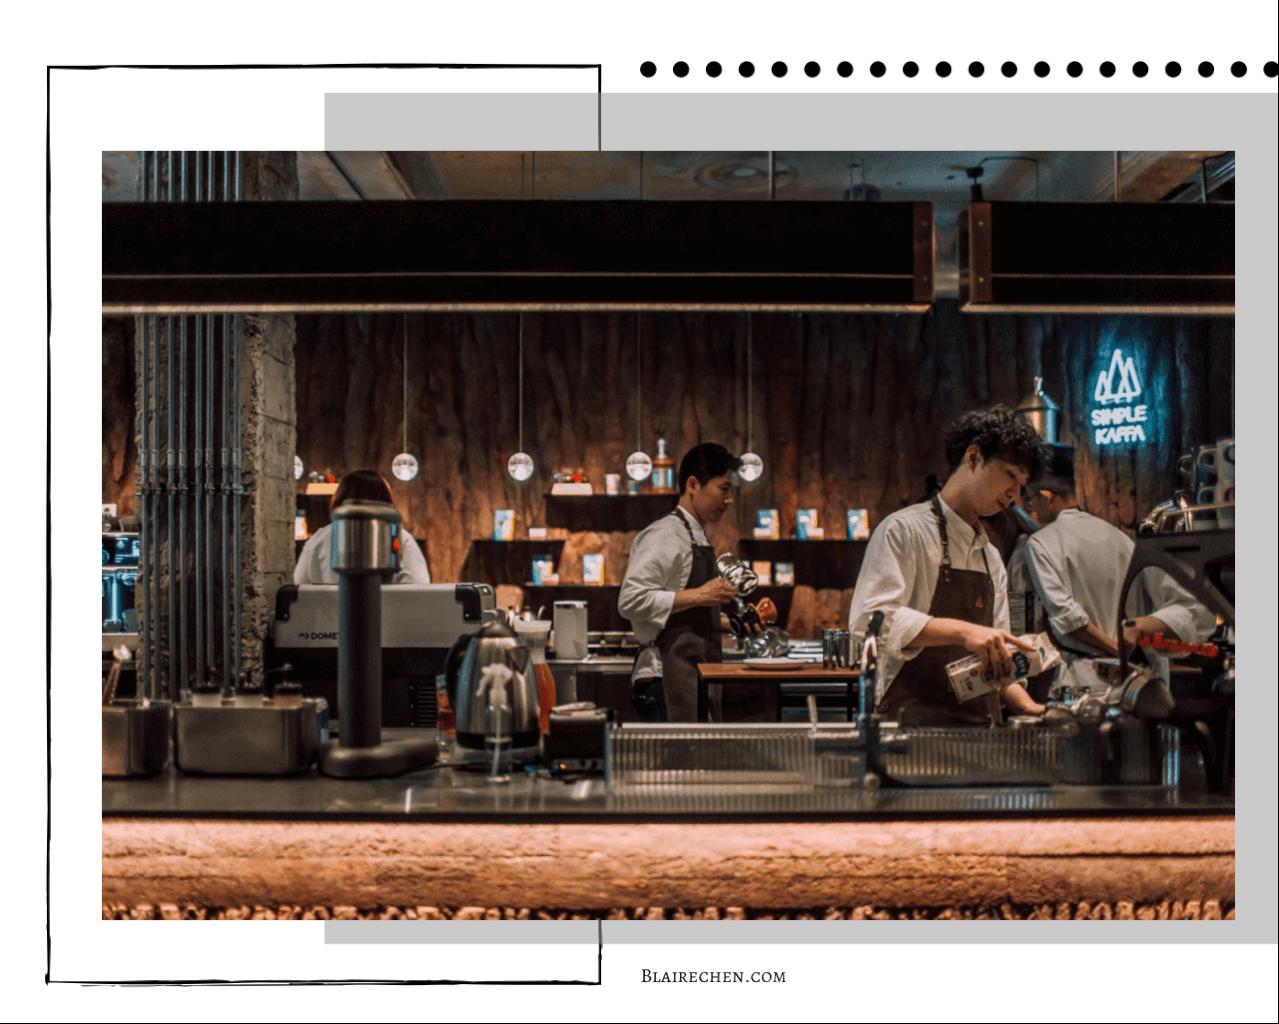 【獨立咖啡店推薦】 外媒評選台灣最棒咖啡廳!興波咖啡、RUFOUS、Coffee Stopover,中島GLAb,咖啡控絕不能錯過!